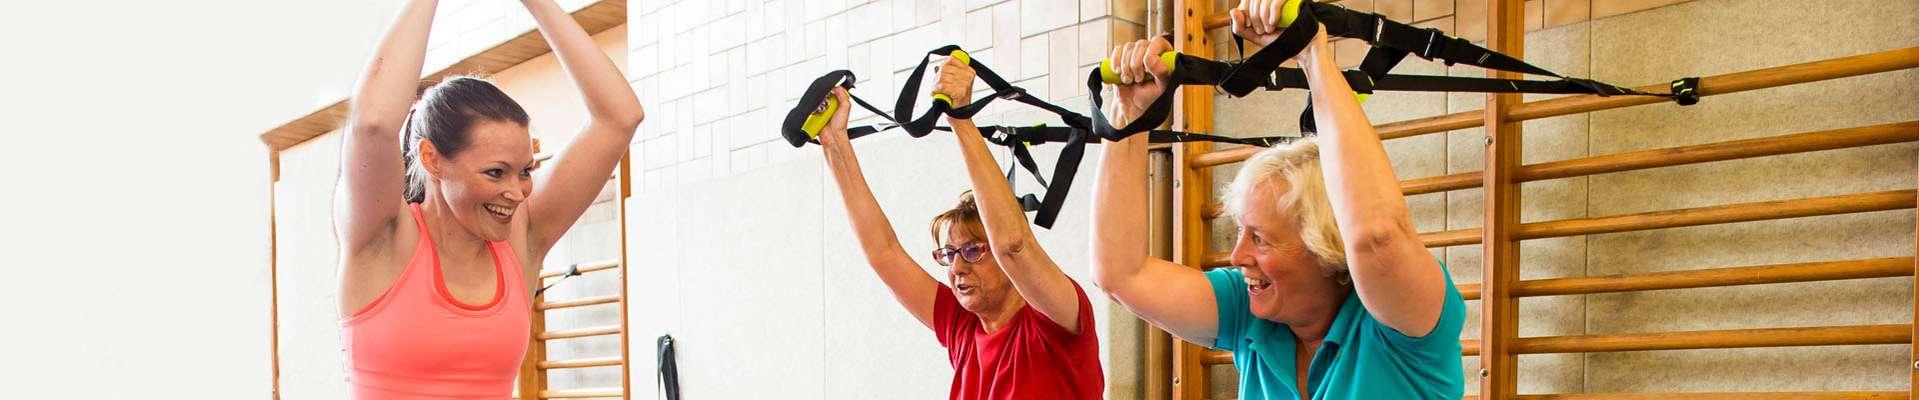 Headerbild Bewegt GESUND bleiben in NRW! Fitness-Übungen an der Sprossenwand